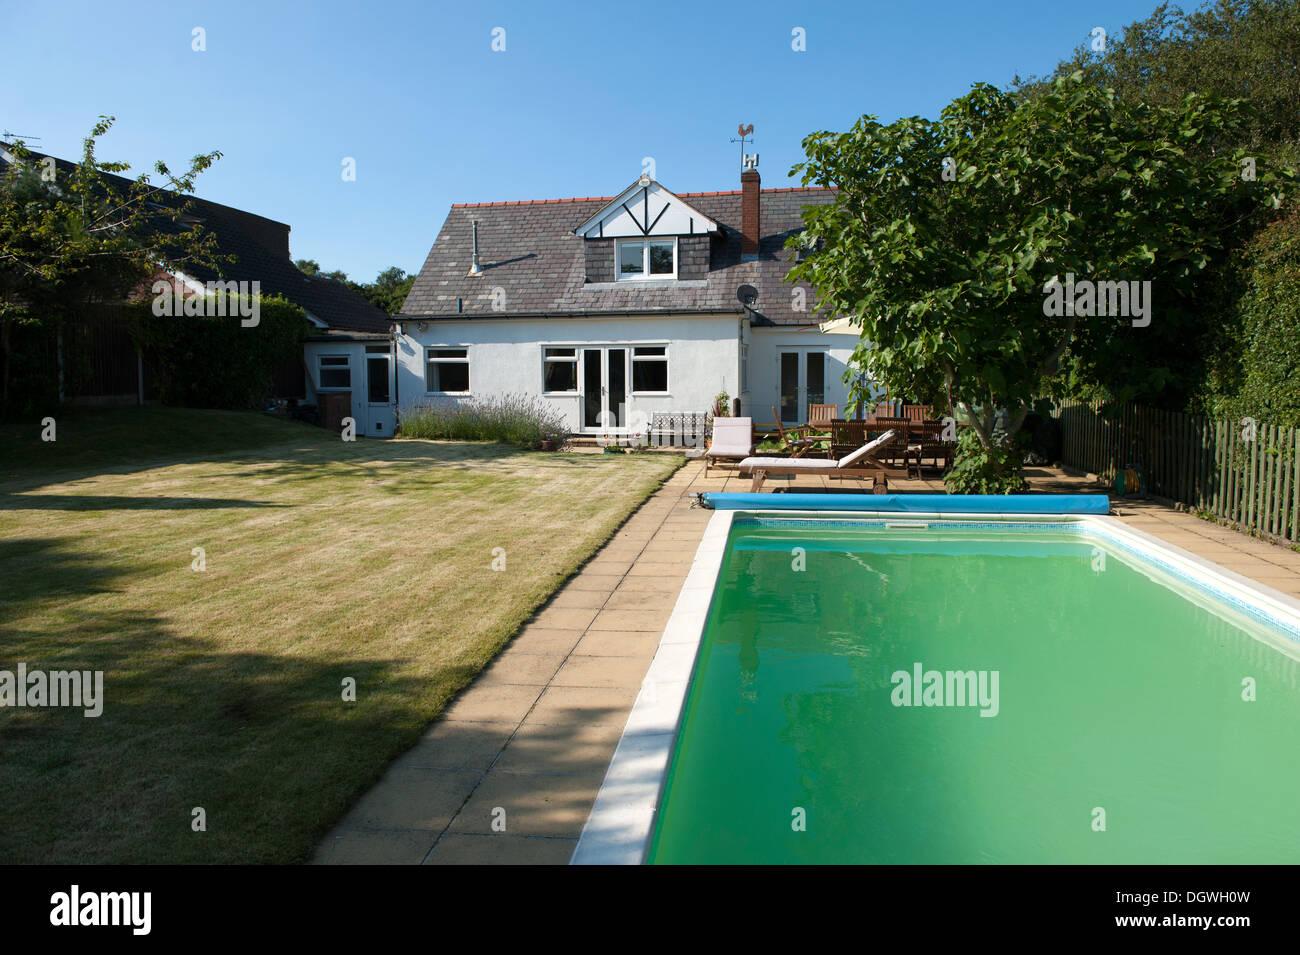 eau trouble piscine eau trouble piscine comment faire with eau trouble piscine good coin. Black Bedroom Furniture Sets. Home Design Ideas